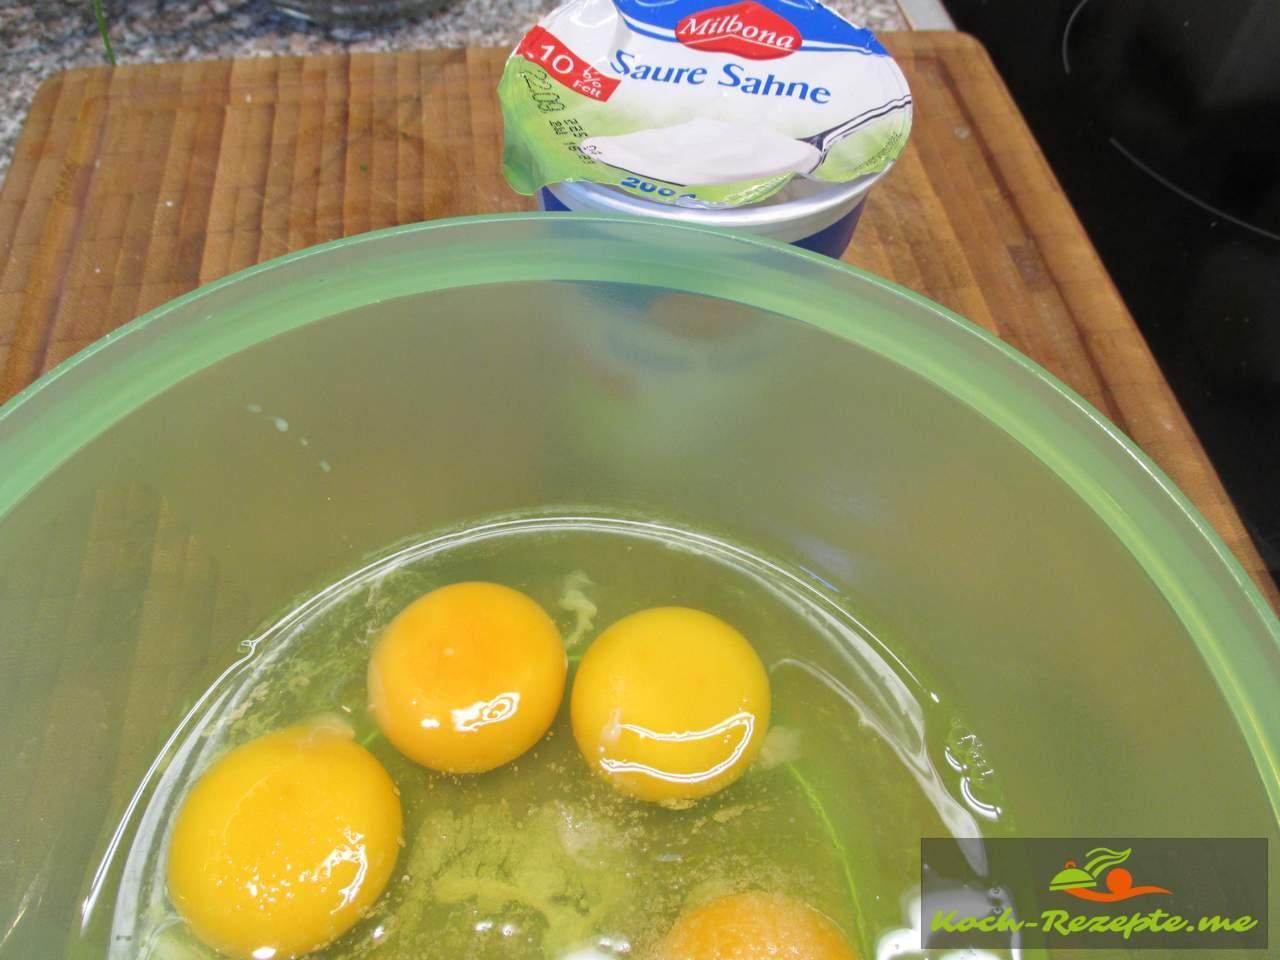 Eier und saure Sahne mischen